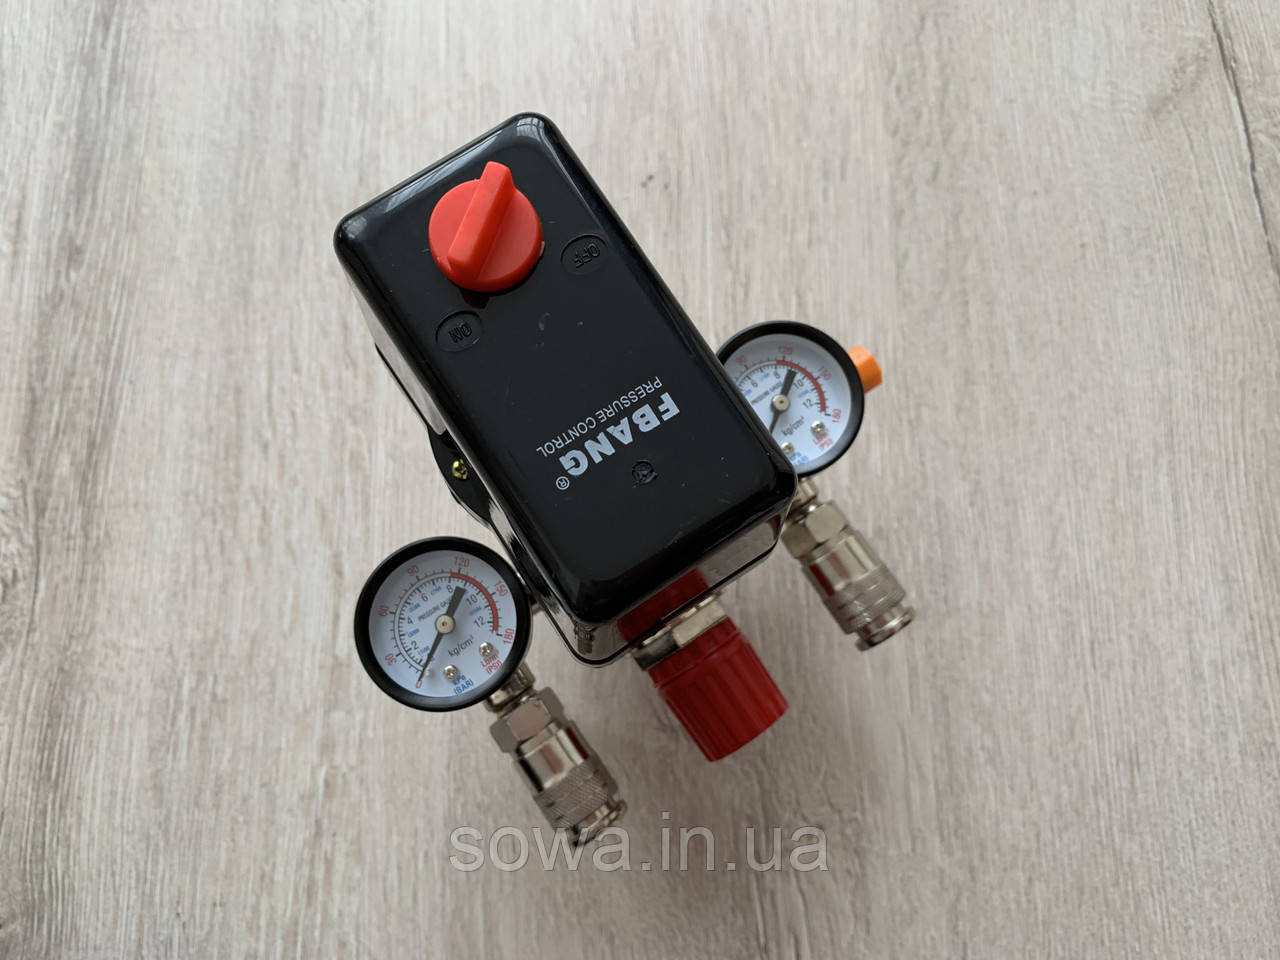 Автоматика, прессостат для компрессора в сборе / 380V